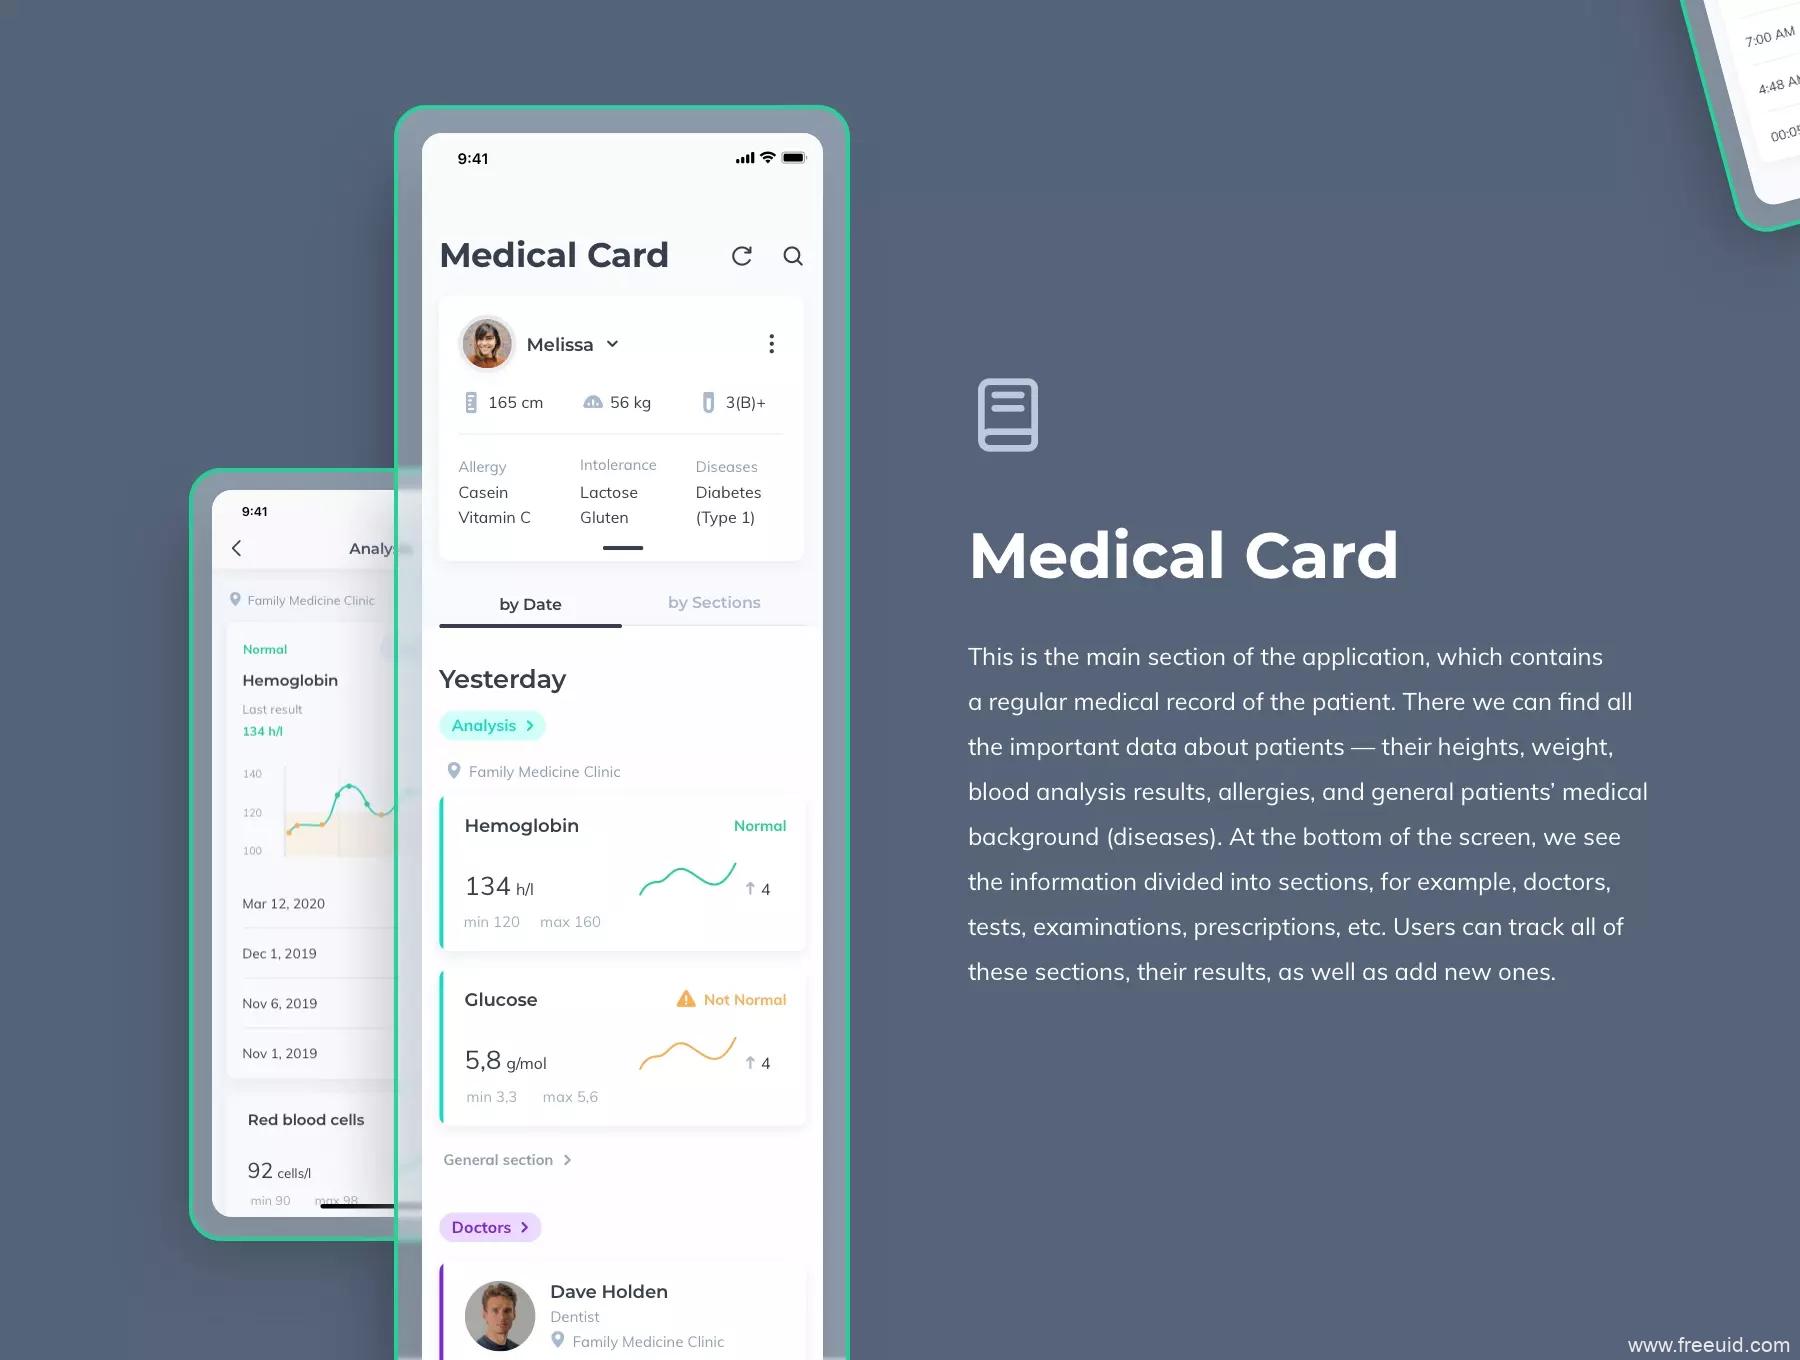 一套简约清新风格医疗app UI界面设计源文件,医疗健康UI源文件下载,医疗检测UI资源figma源文件、sketch源文件下载